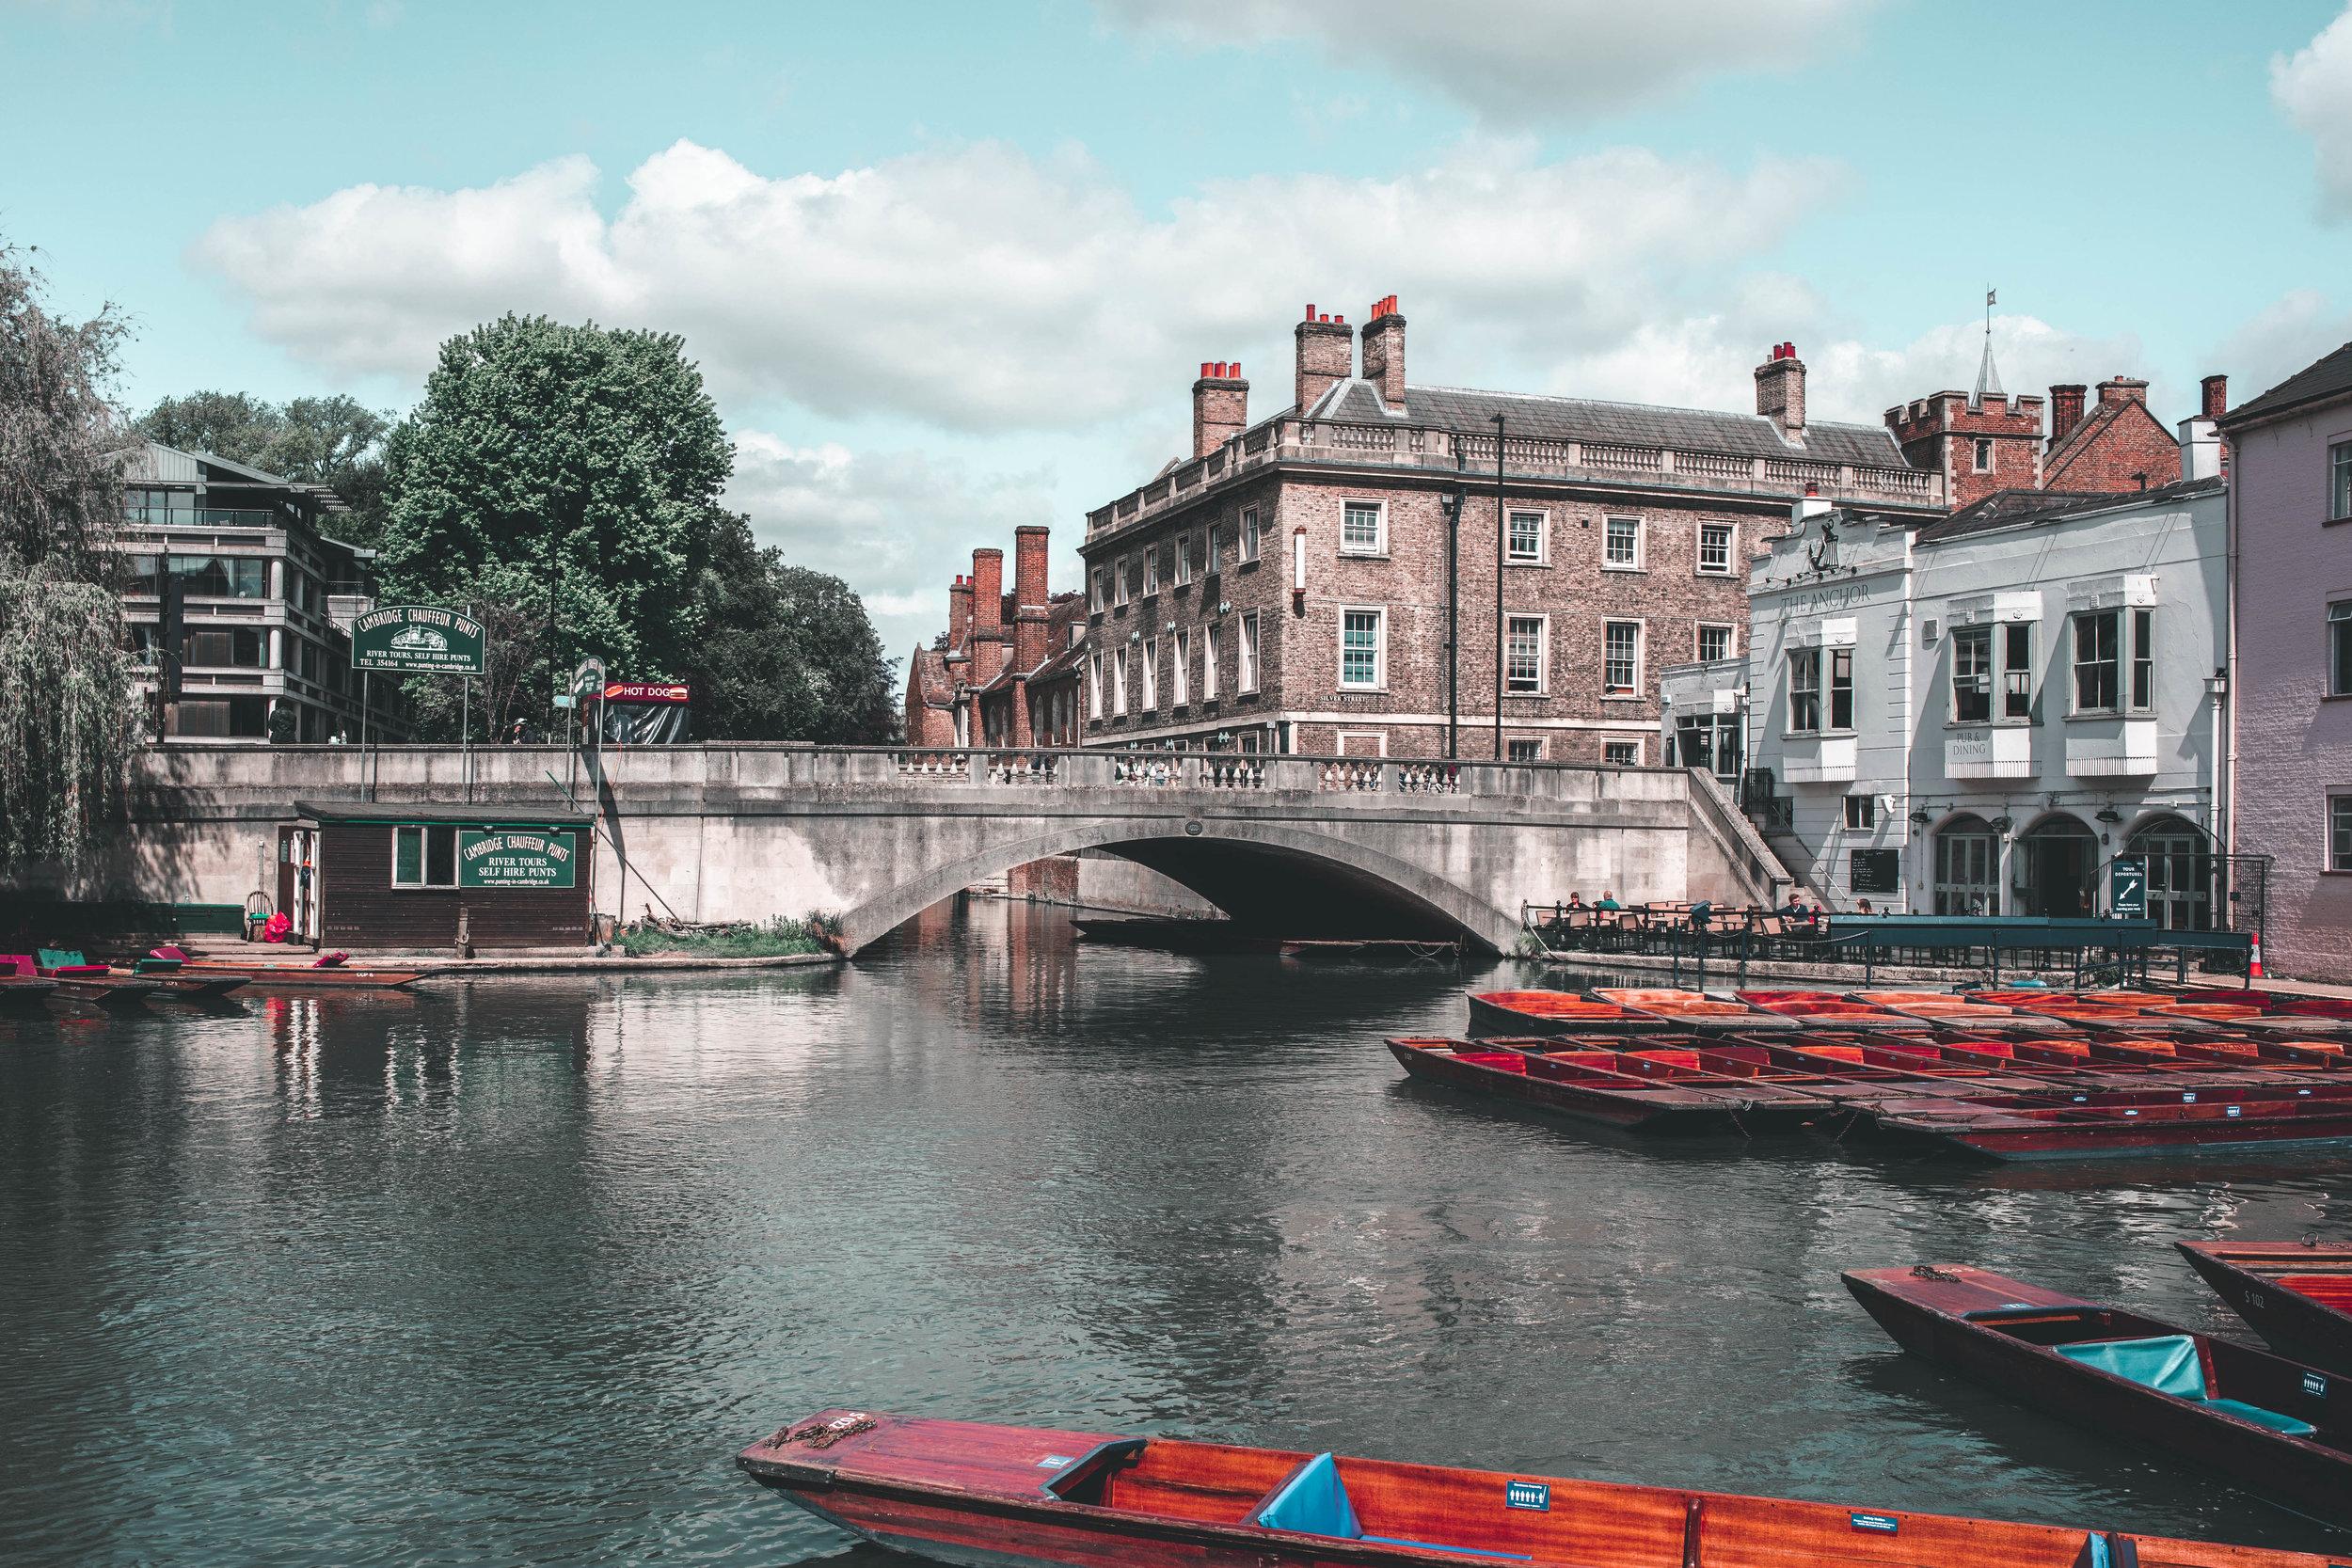 Cambridge lookin' divine!